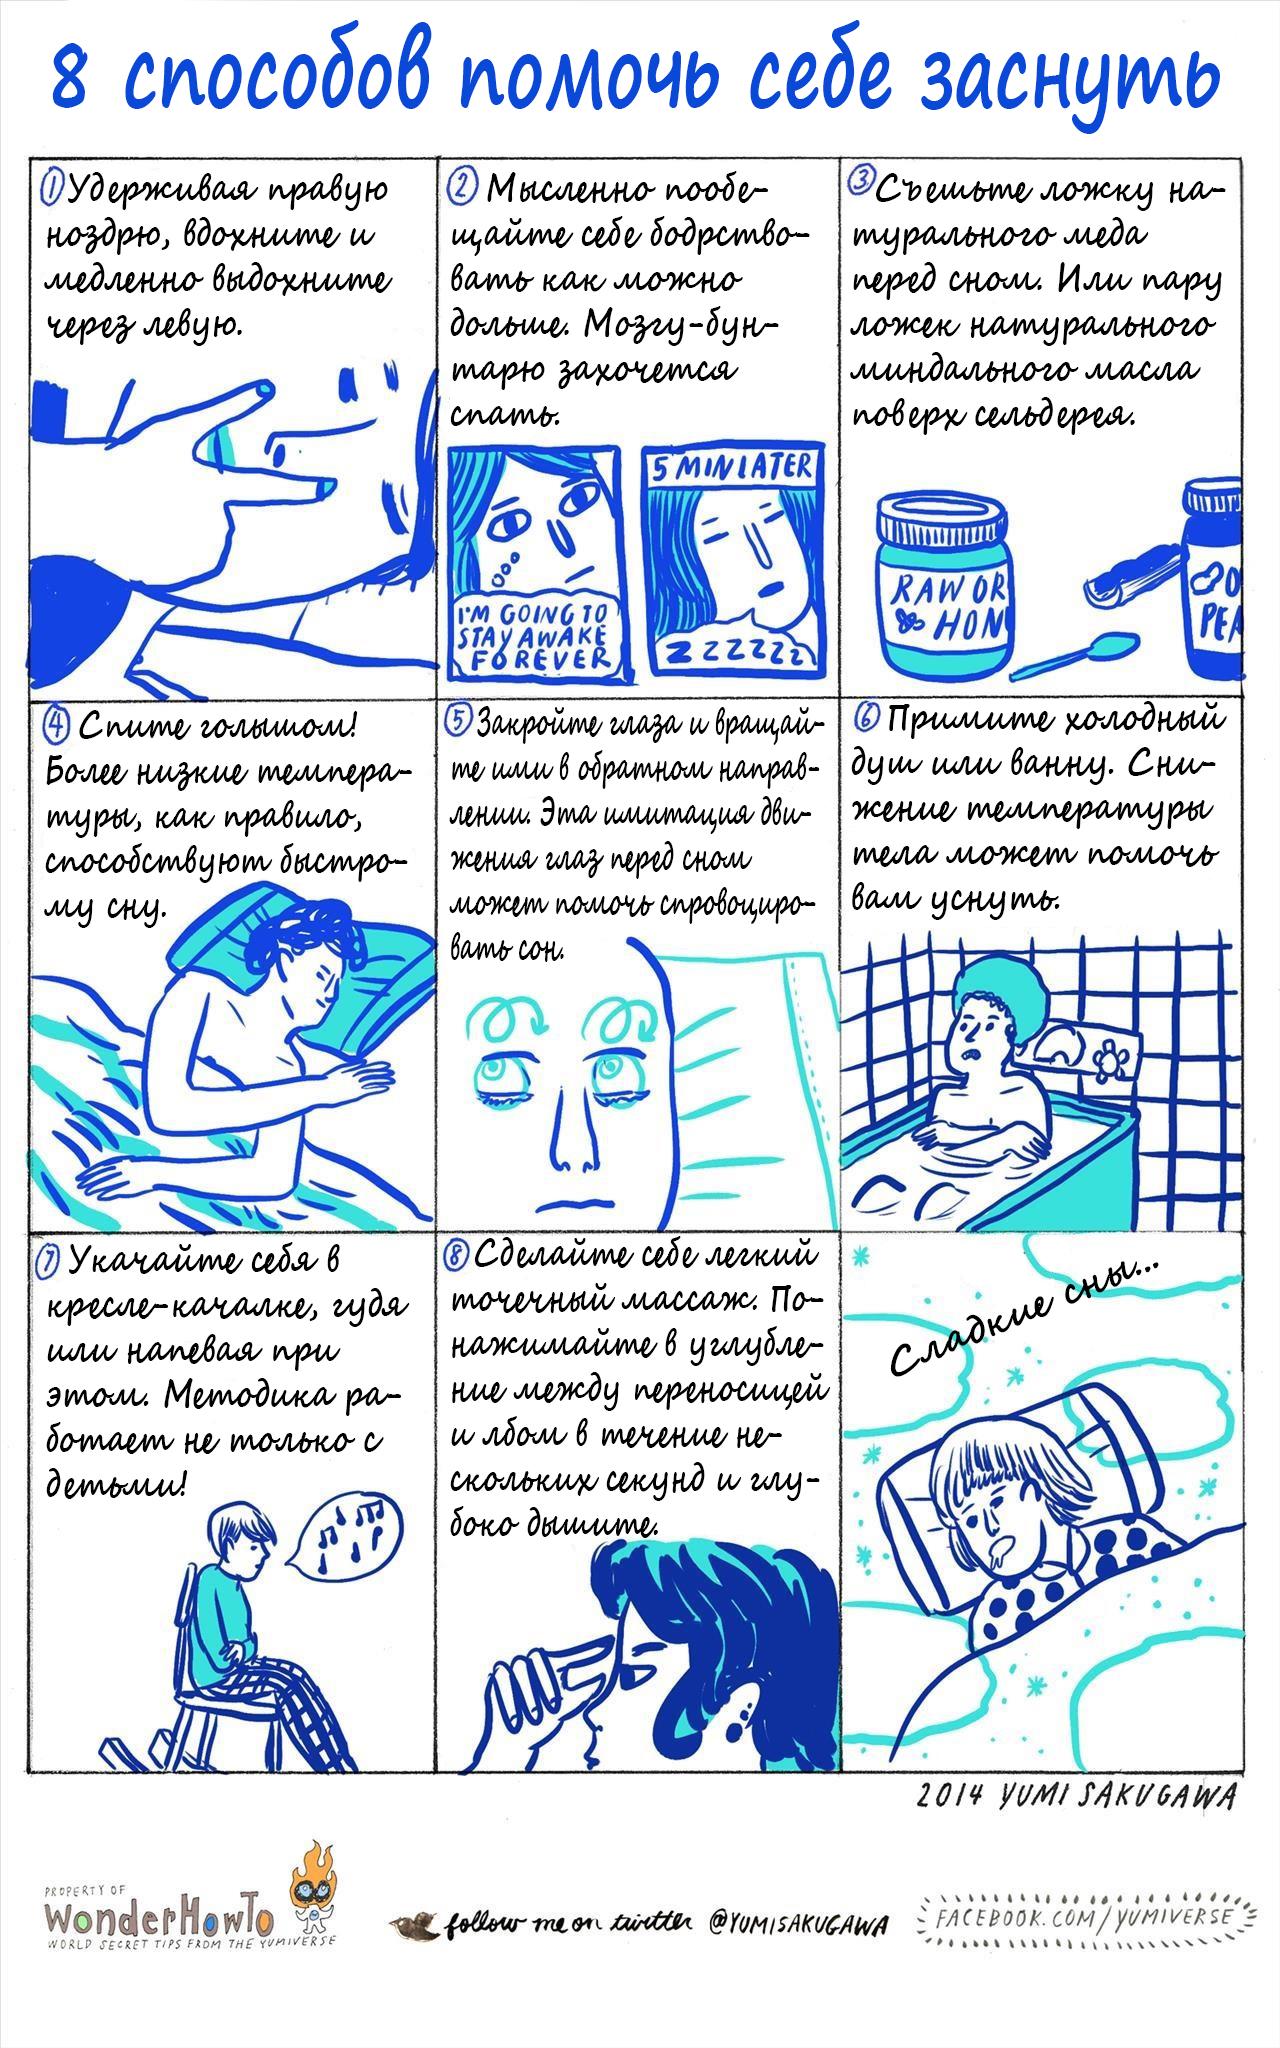 8 способов помочь себе заснуть